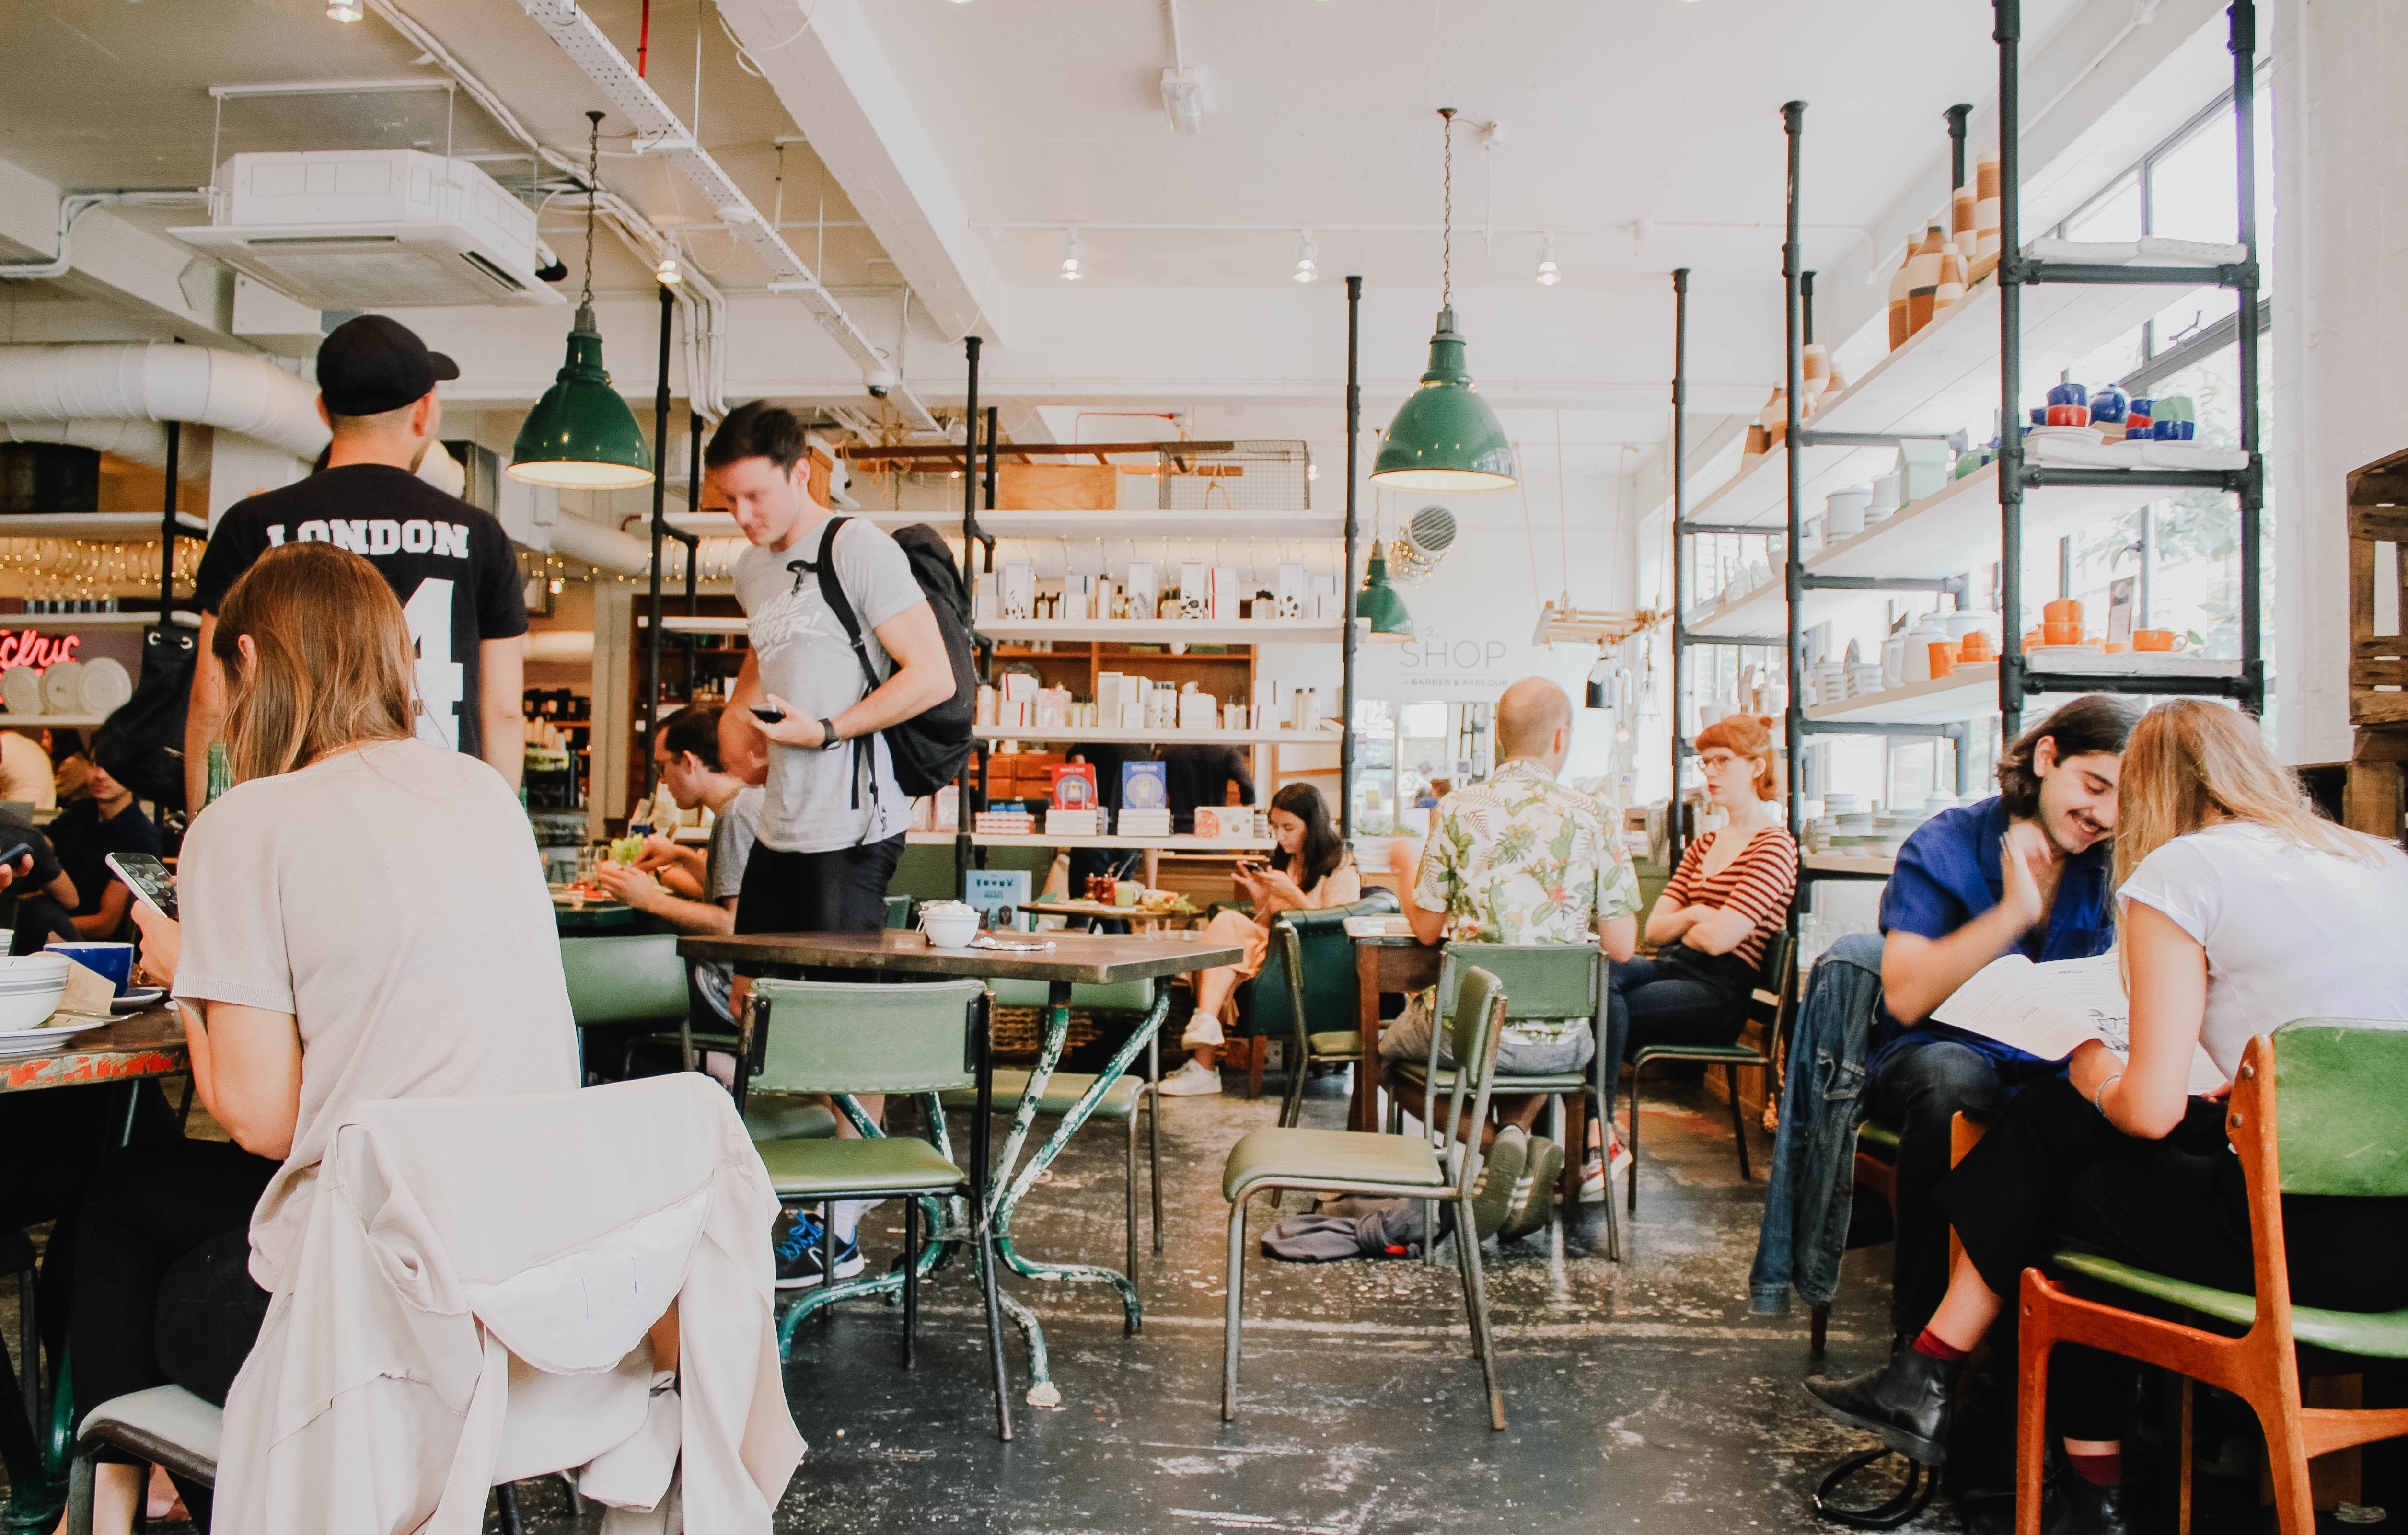 Saia para trabalhar fora – que tal mudar a rotina e ir trabalhar em um café ou restaurante? Hoje em dia, muitos estabelecimentos possuem e oferecem internet, mesas e tomadas para computadores. Mudar o local de trabalho pode ser uma boa maneira de aliviar a rotina pesada de trabalho. (Foto: Toa Heftiba/Unsplash)